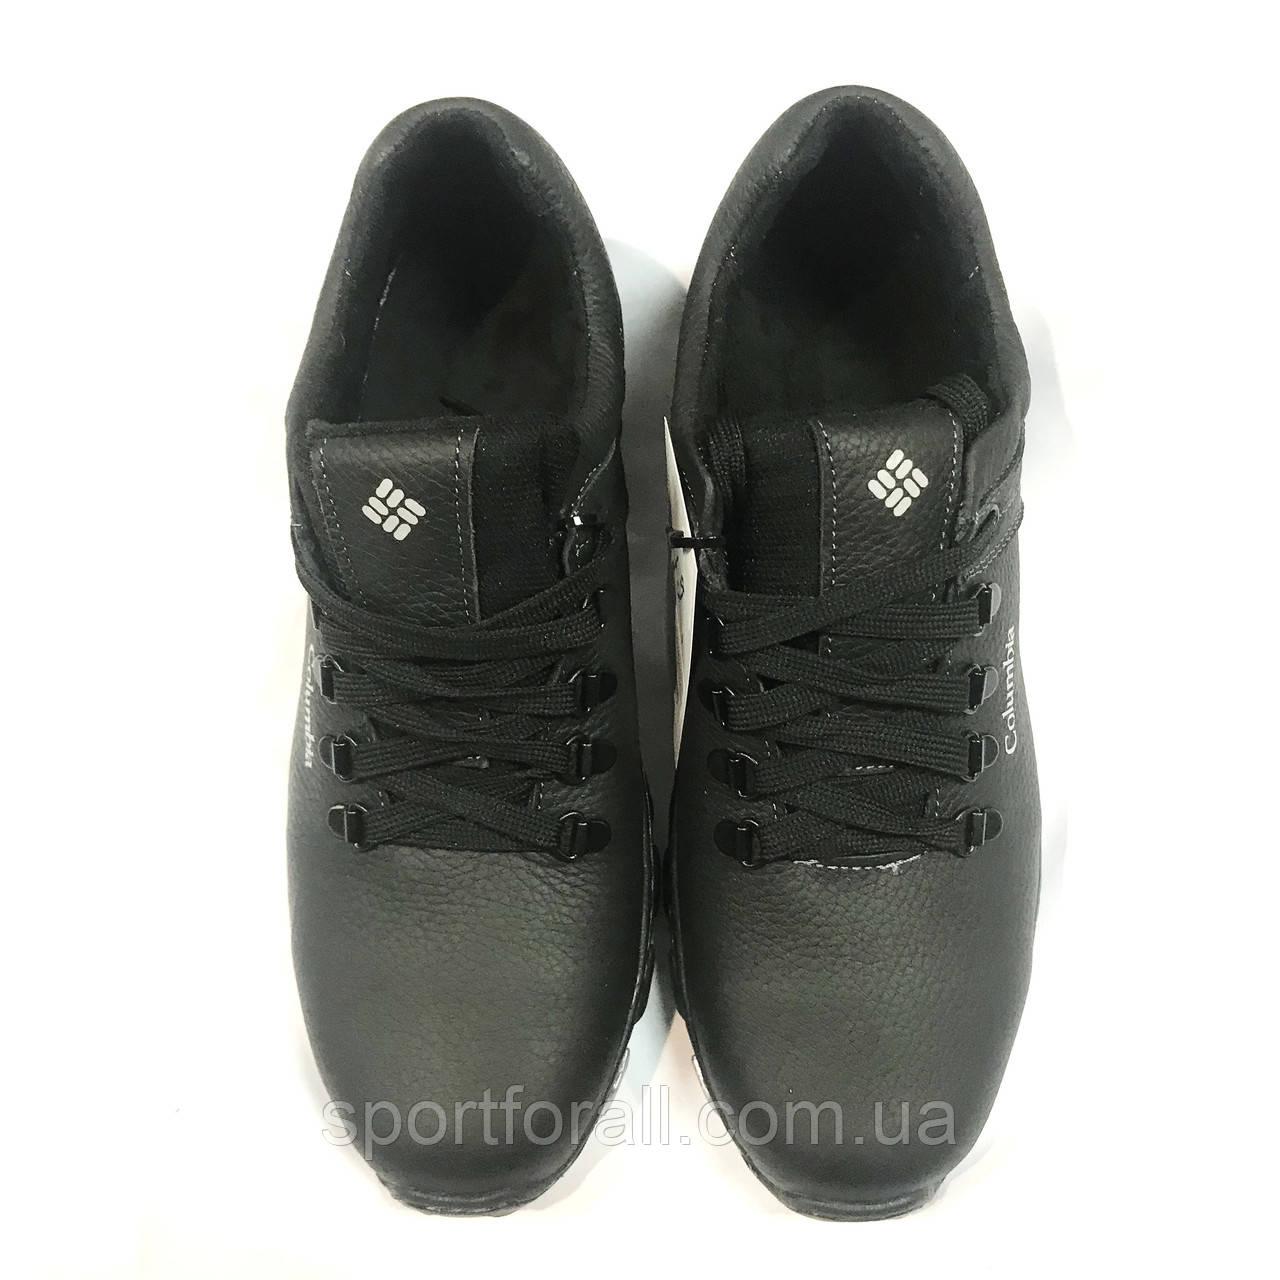 Мужские кожаные кроссовки Columbia р.42-45 UA-855/1